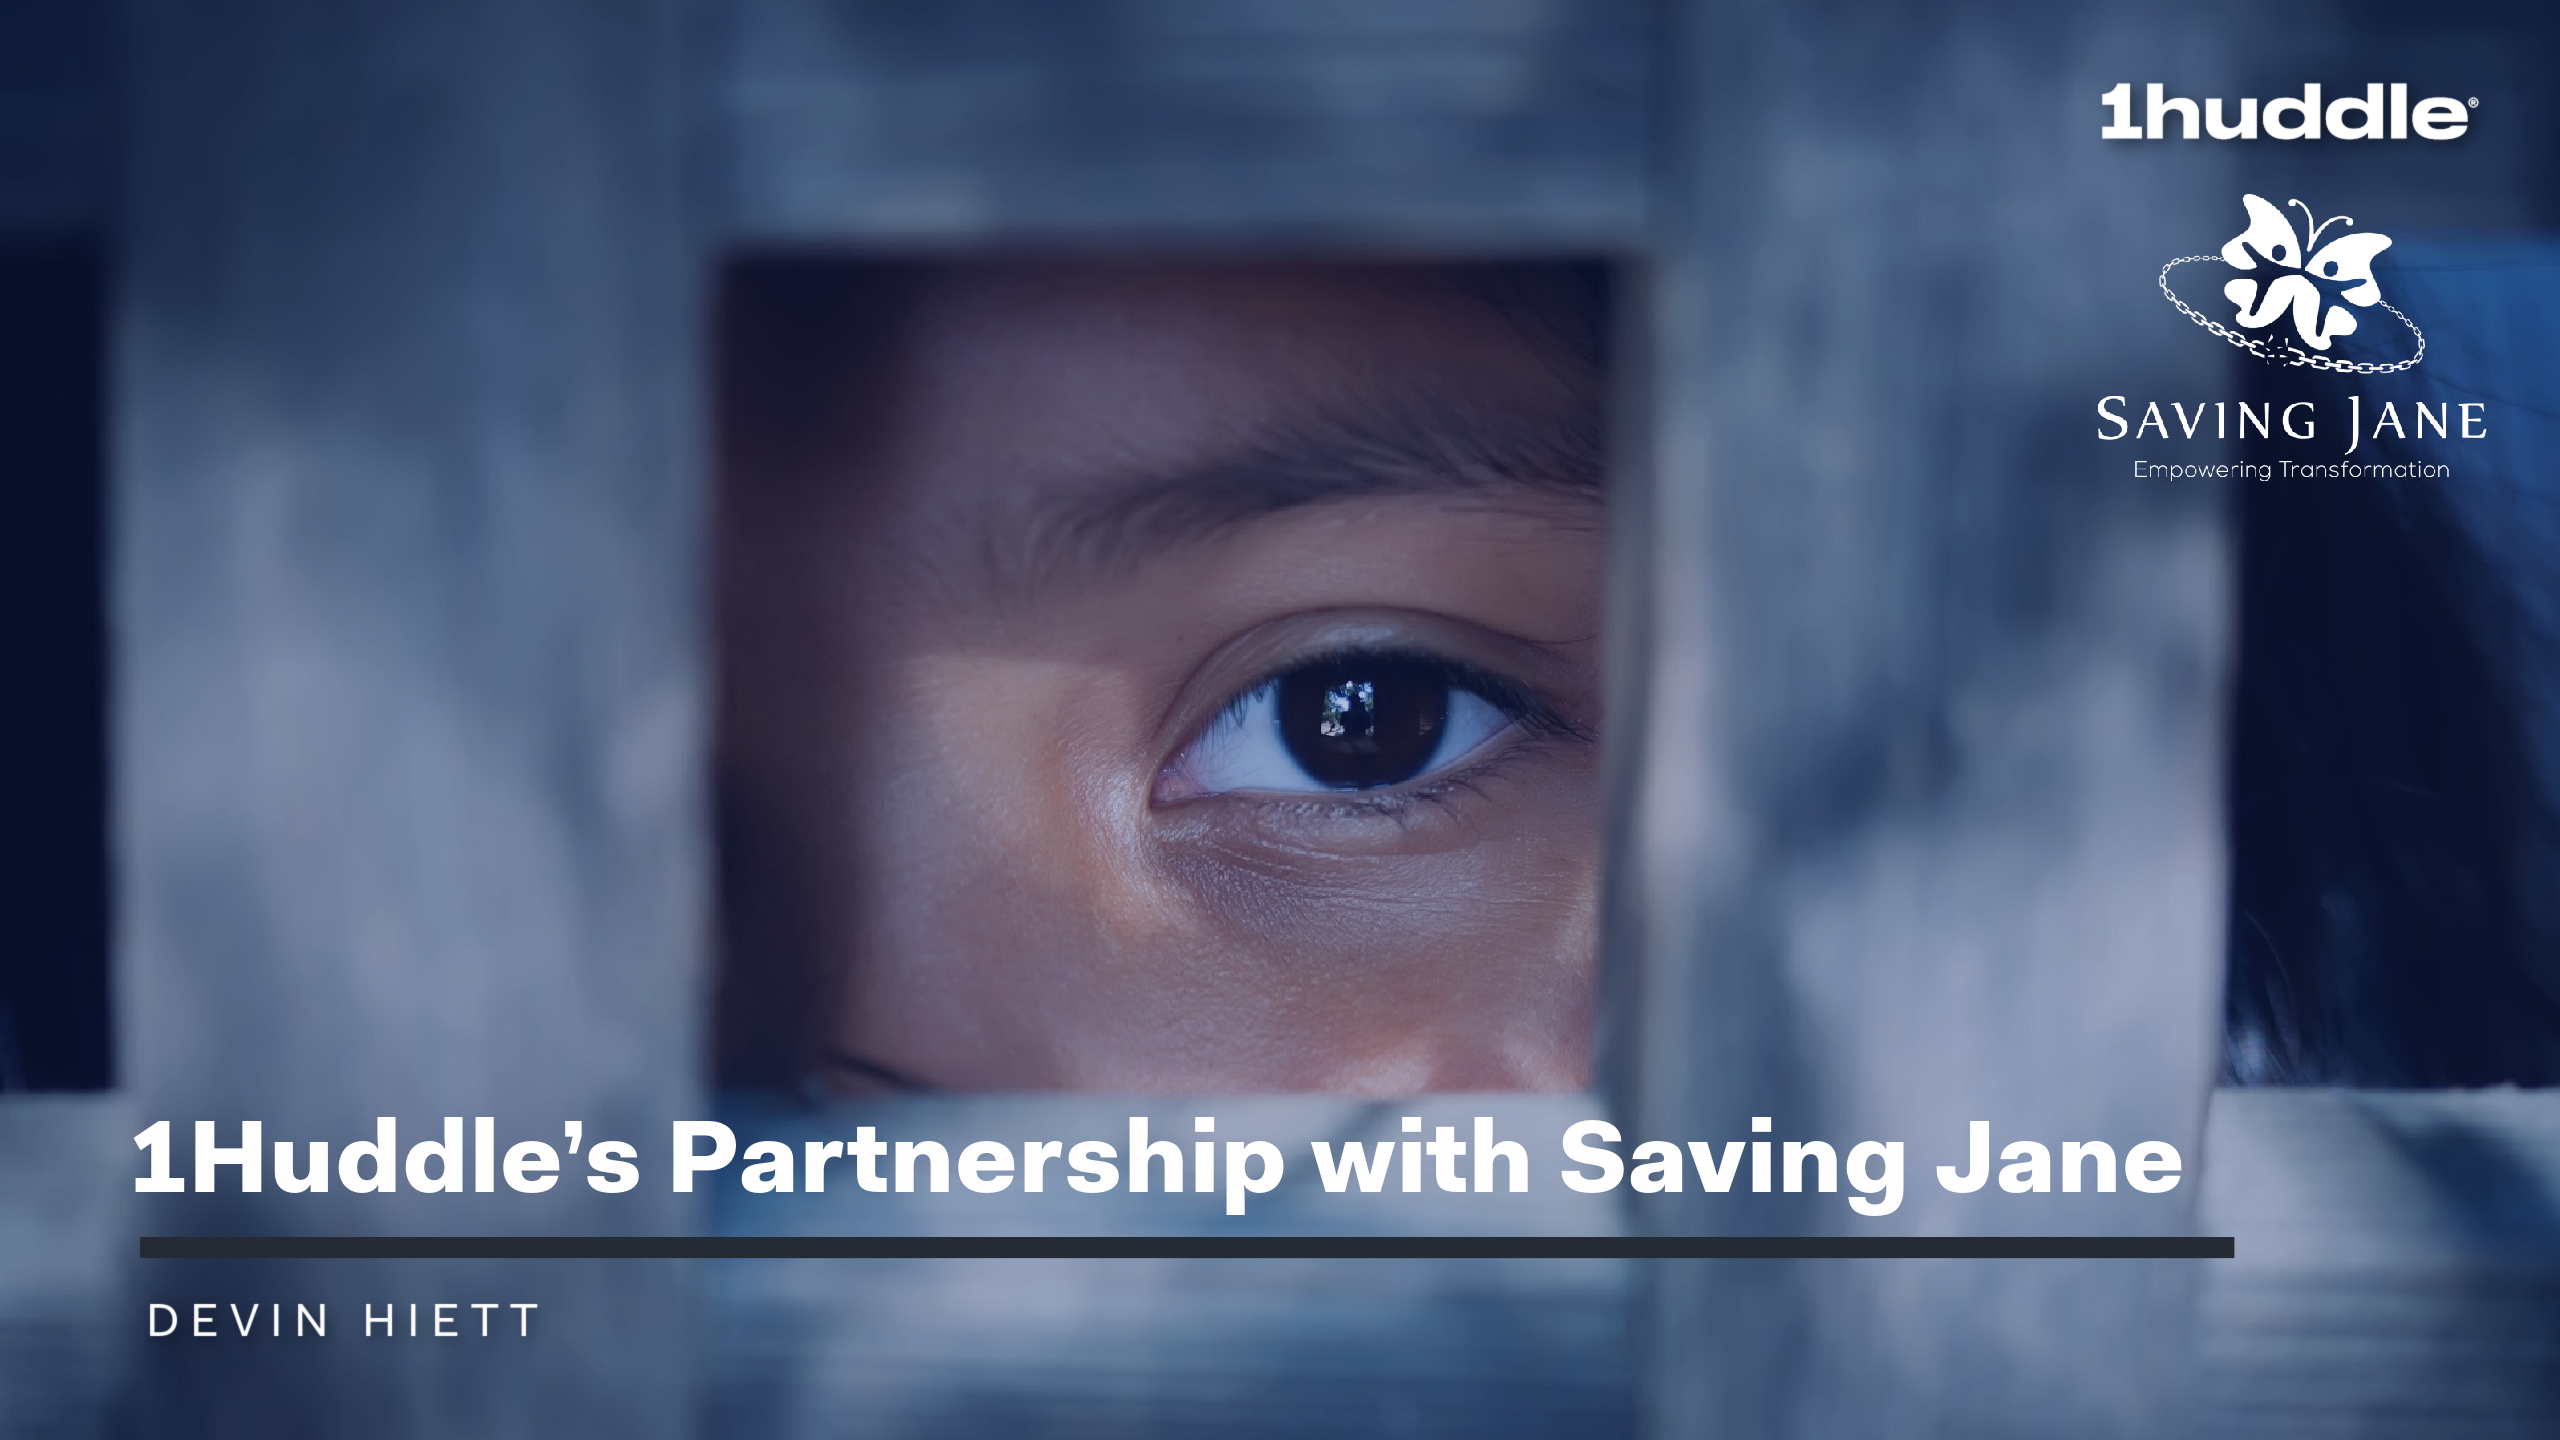 1Huddle's Partnership with Saving Jane